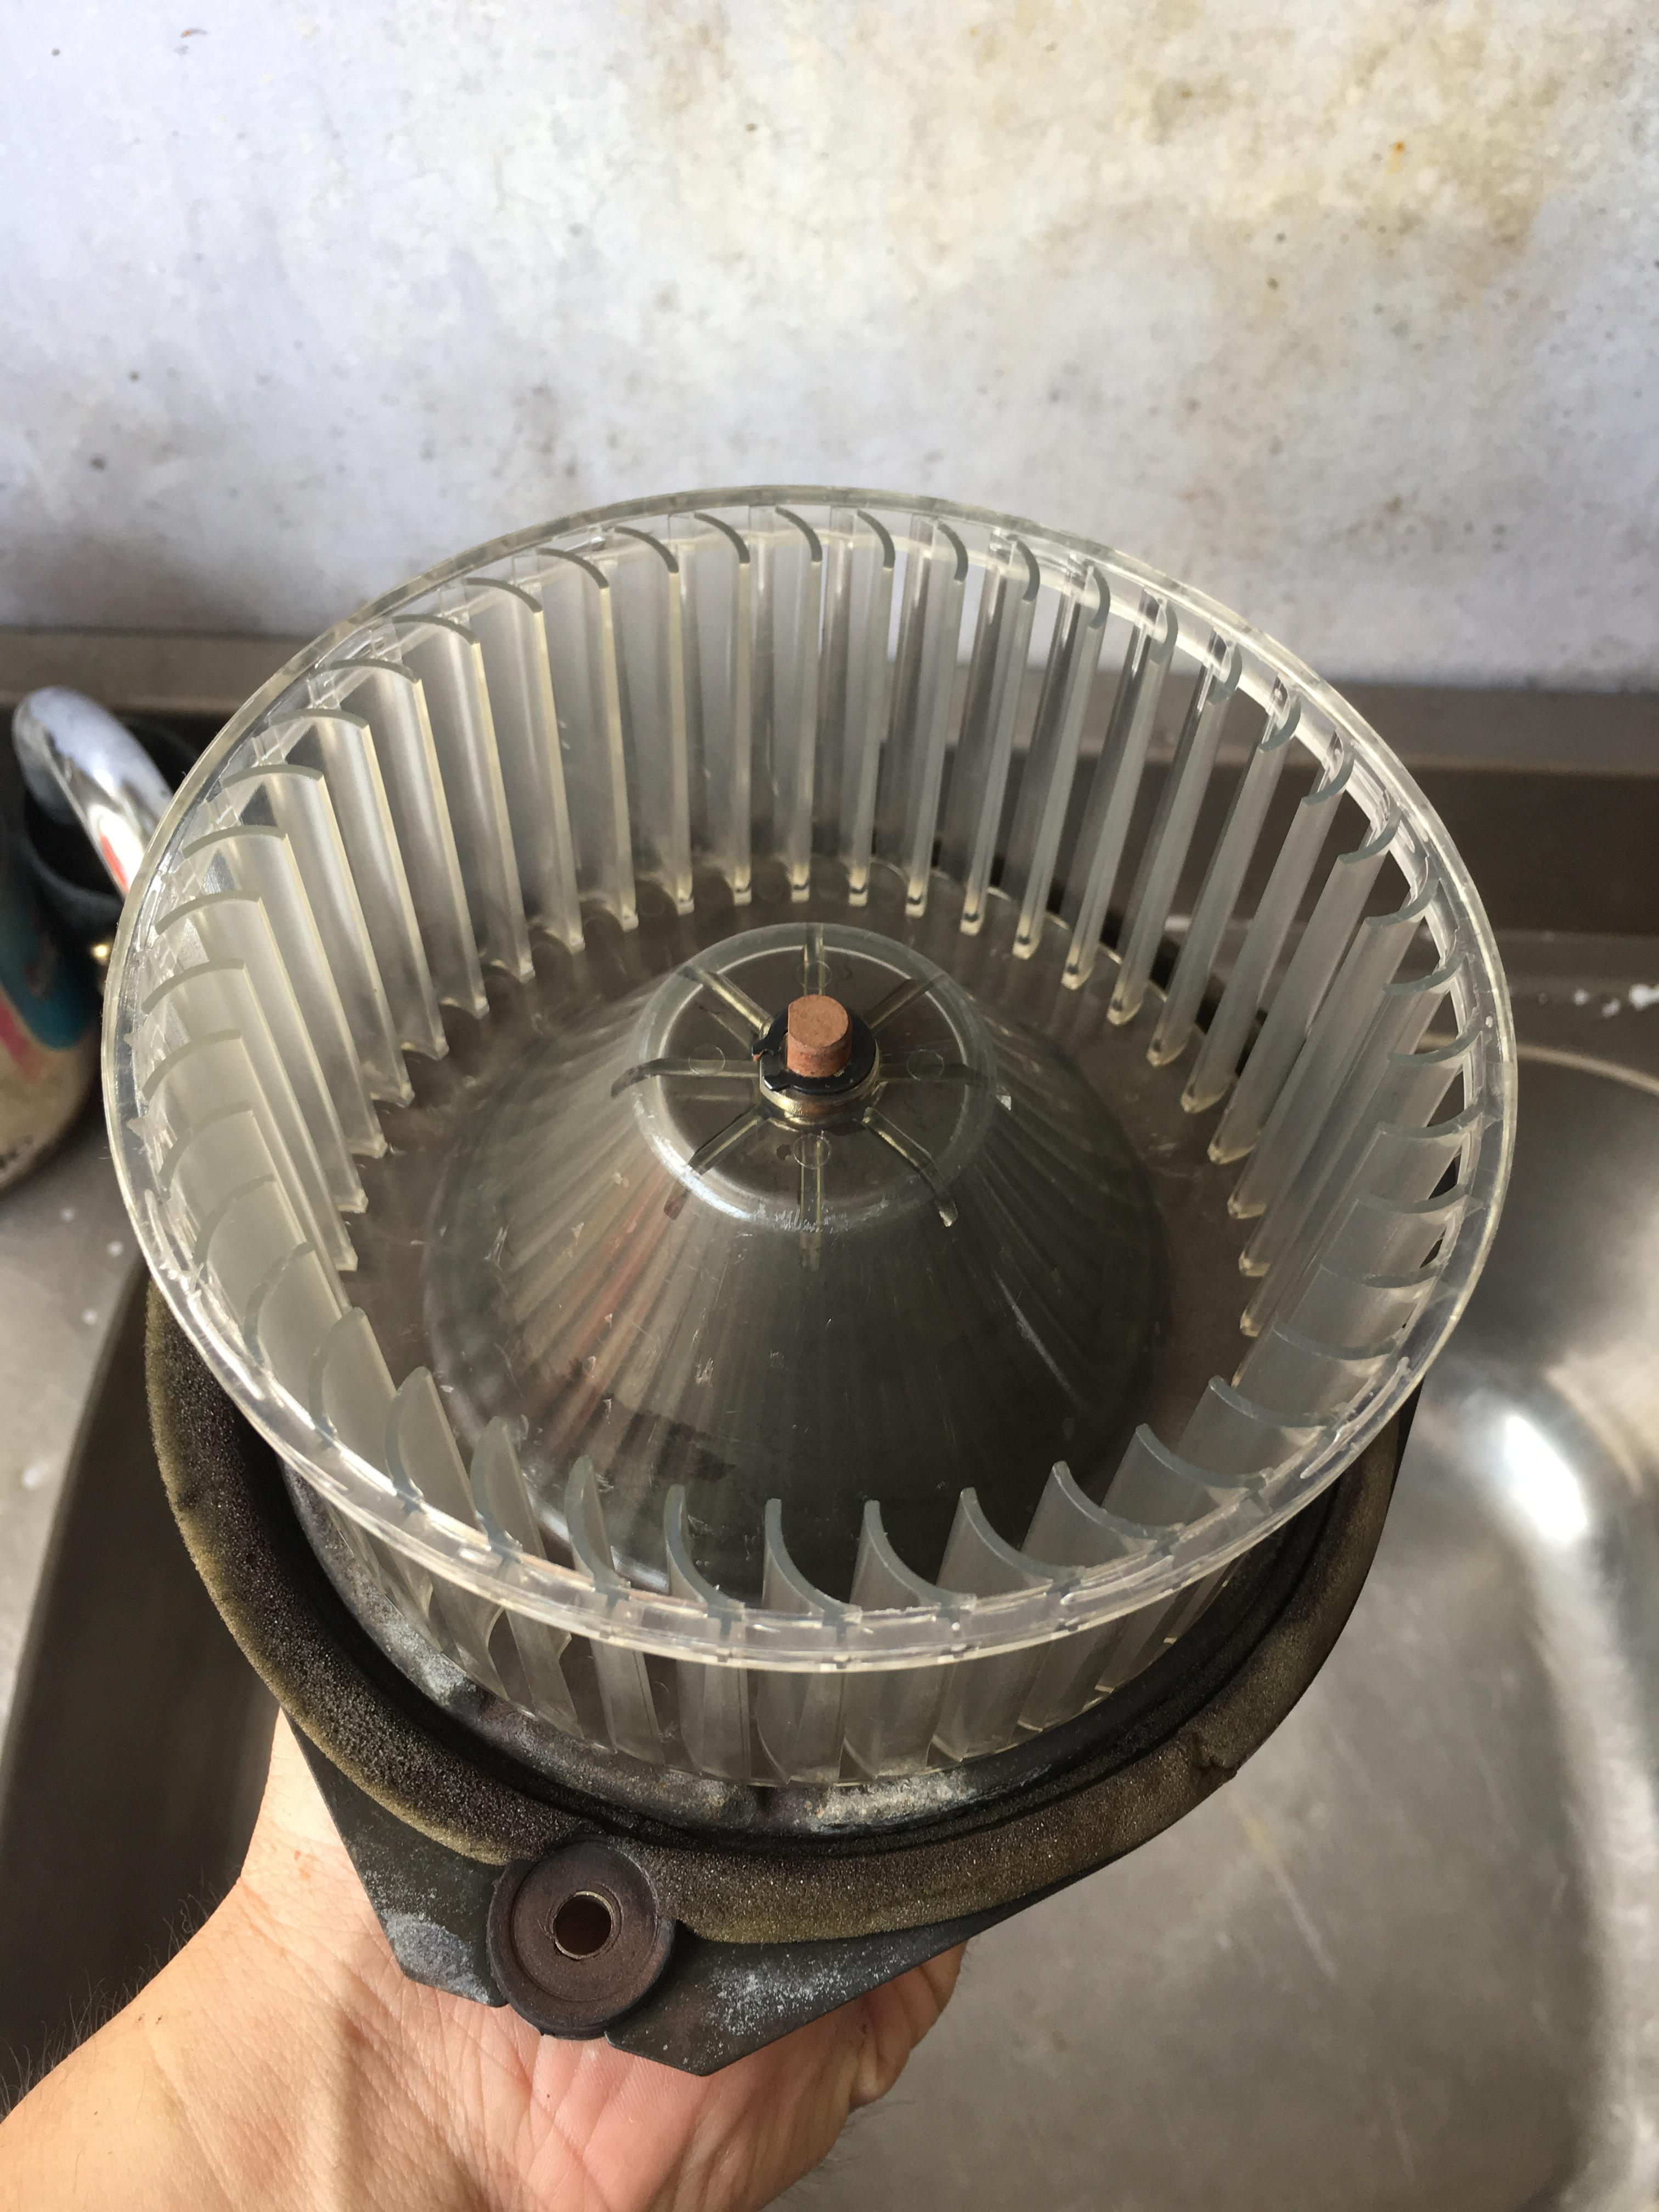 【億霖保修】日產/NISSAN SENTRA 冷氣故障問題#蒸發器更換#冷凍油更換#冷氣不冷#汽車冷氣壞了